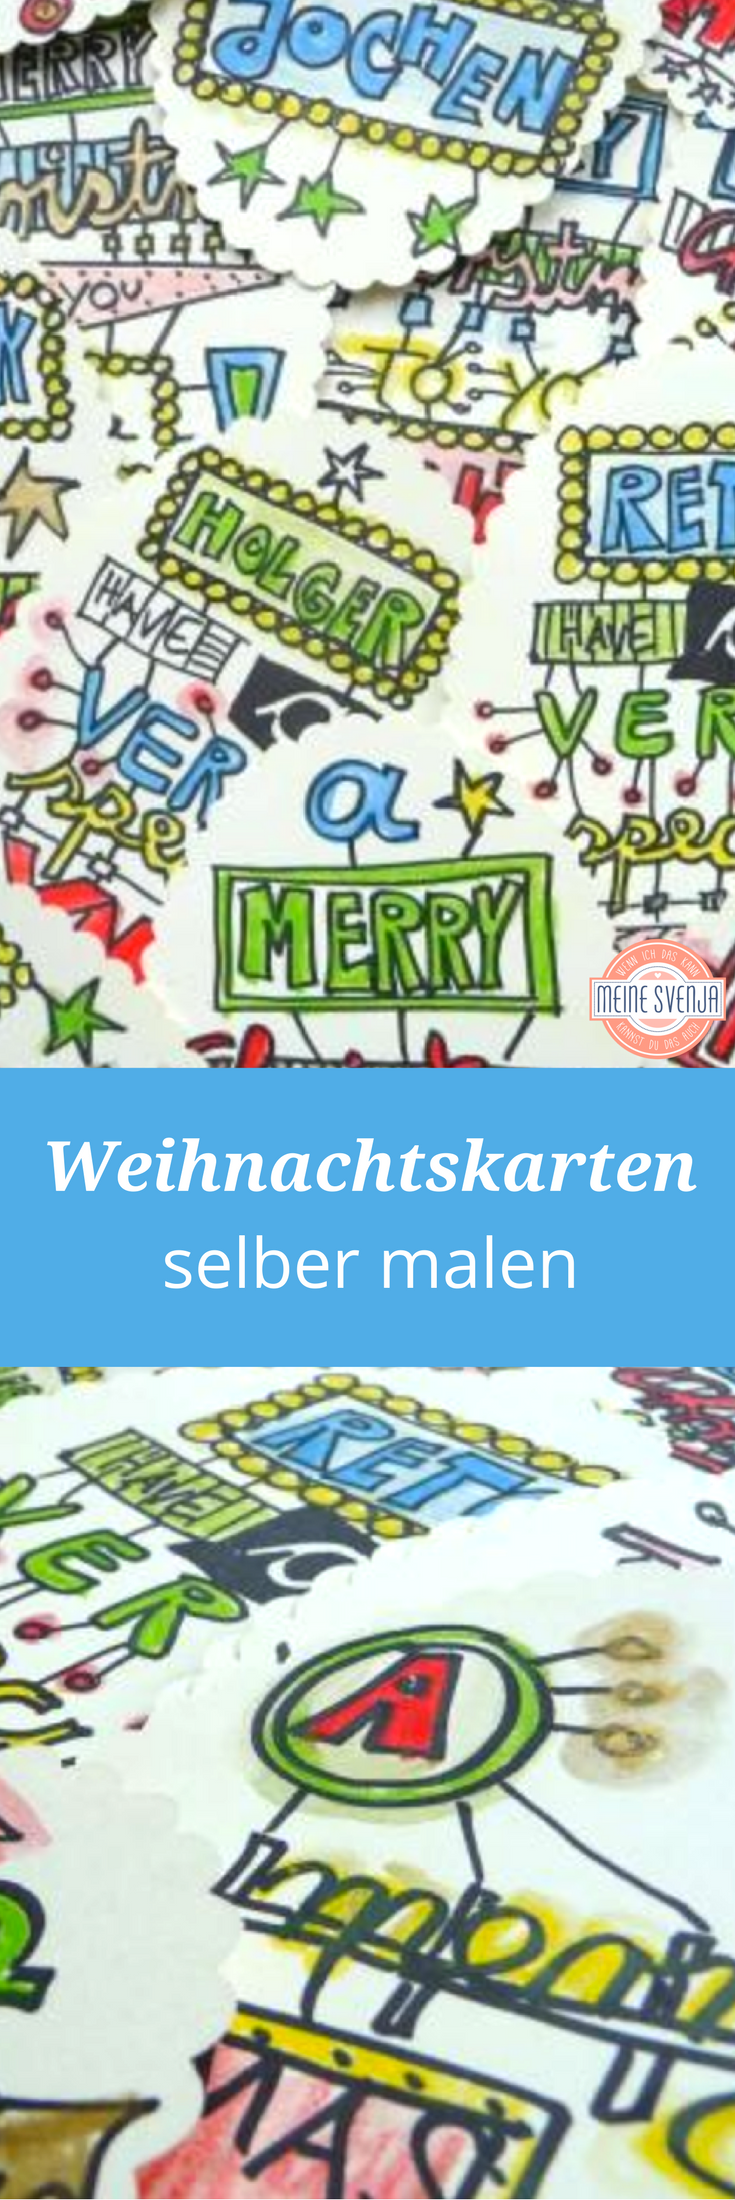 Weihnachtskarten Malen.Weihnachtskarten Selber Malen Meine Svenja